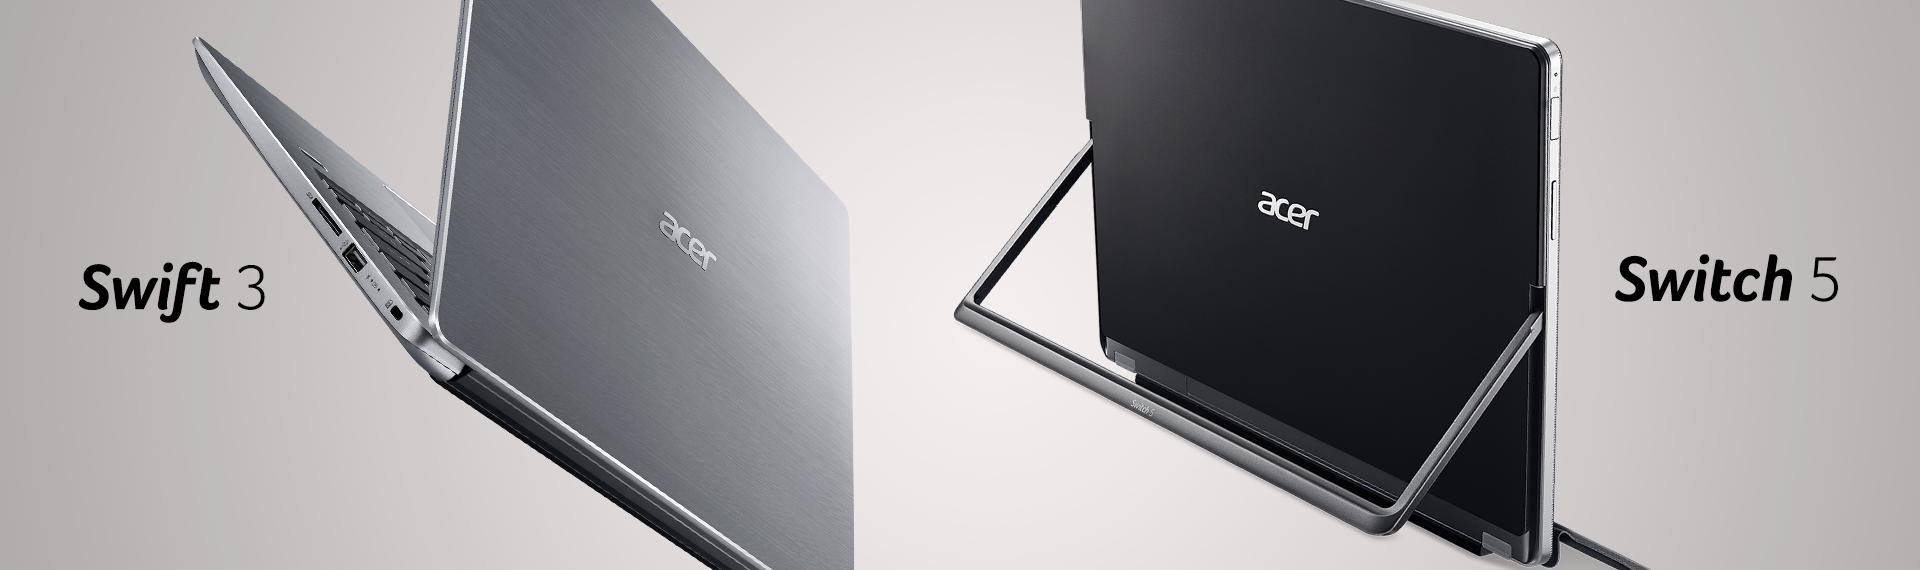 Kinerja Fitur-fitur Unik Notebook Acer yang Bikin Kamu Ingin Memilikinya!